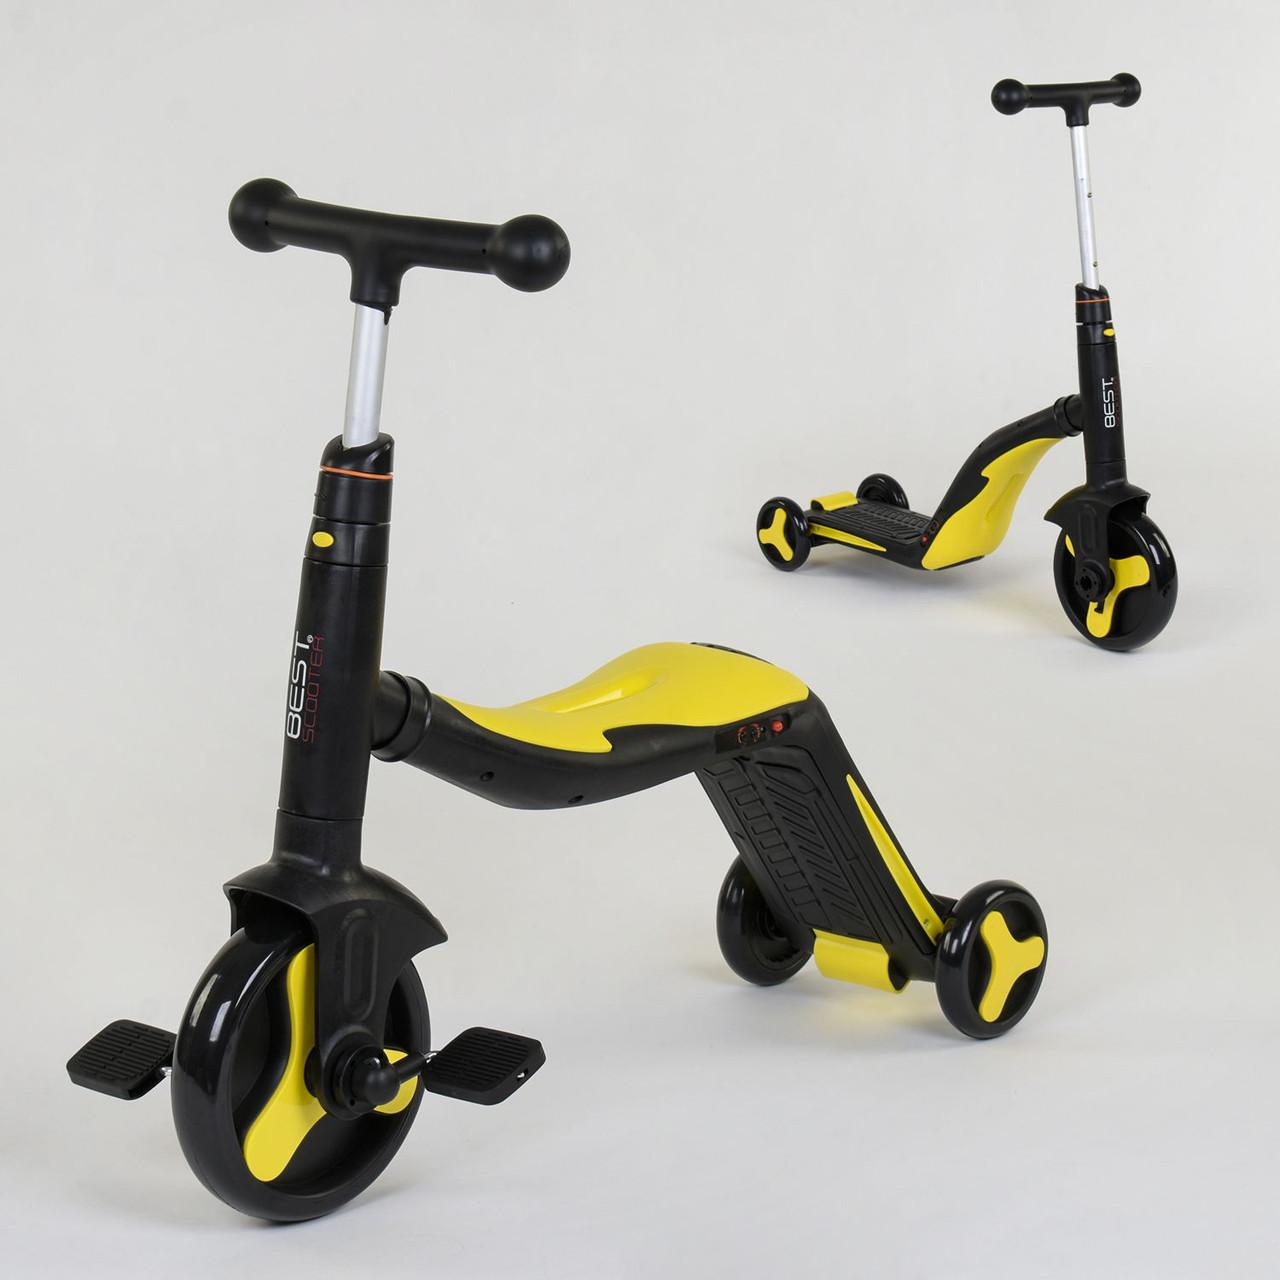 Детский самокат-велобег-велосипед 3 в 1 JT 10993 со световыми и звуковыми эффектами (8 песен), желтый